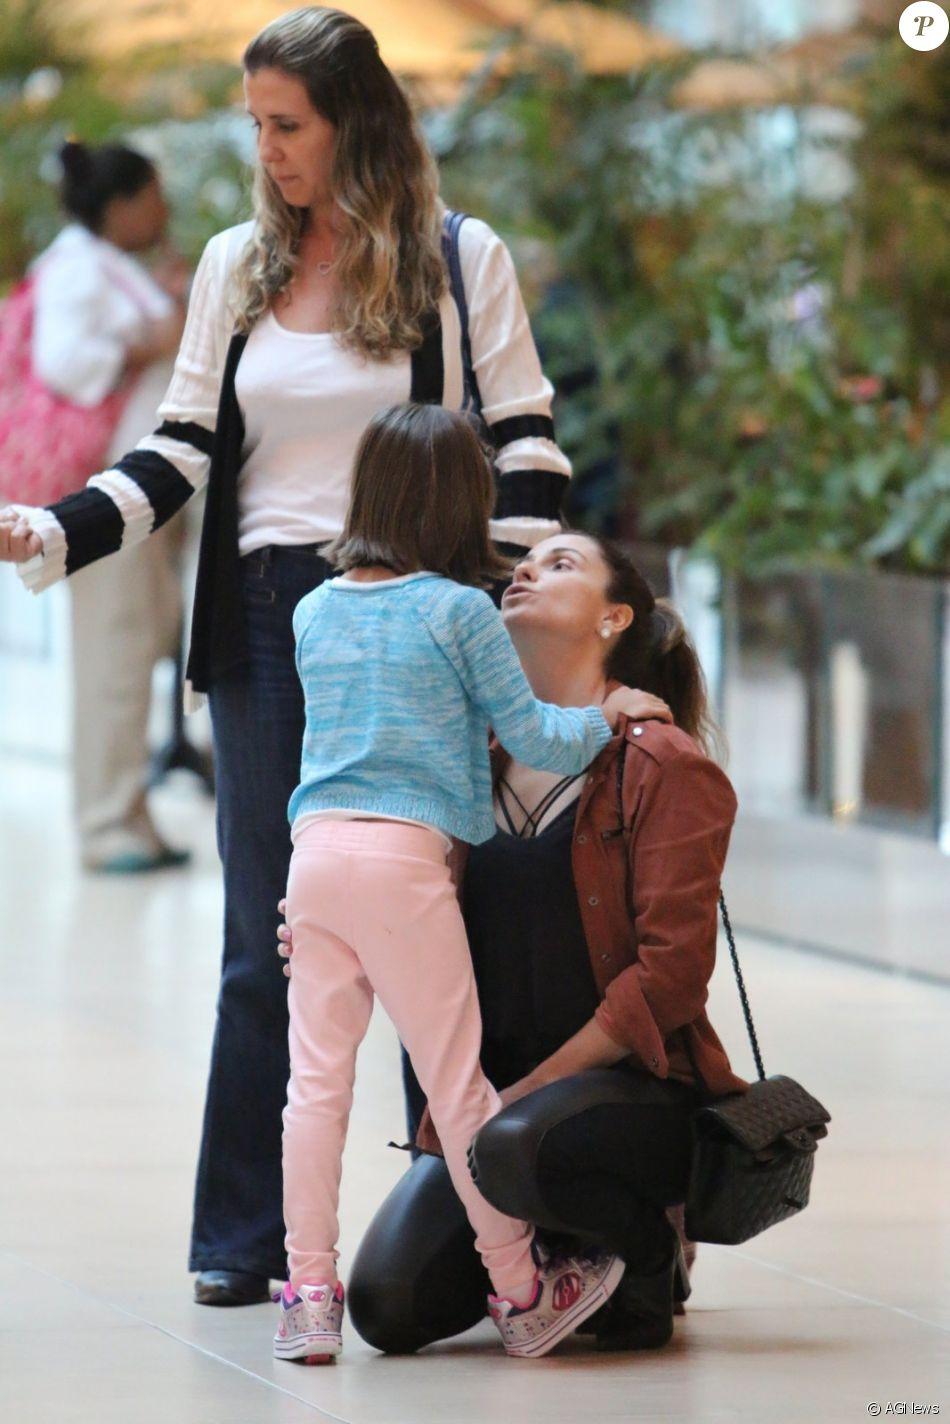 Giovanna Antonelli se diverte em passeio com as filhas, Antonia e Sofia, nesta sexta-feira, dia 18 de novembro de 2016